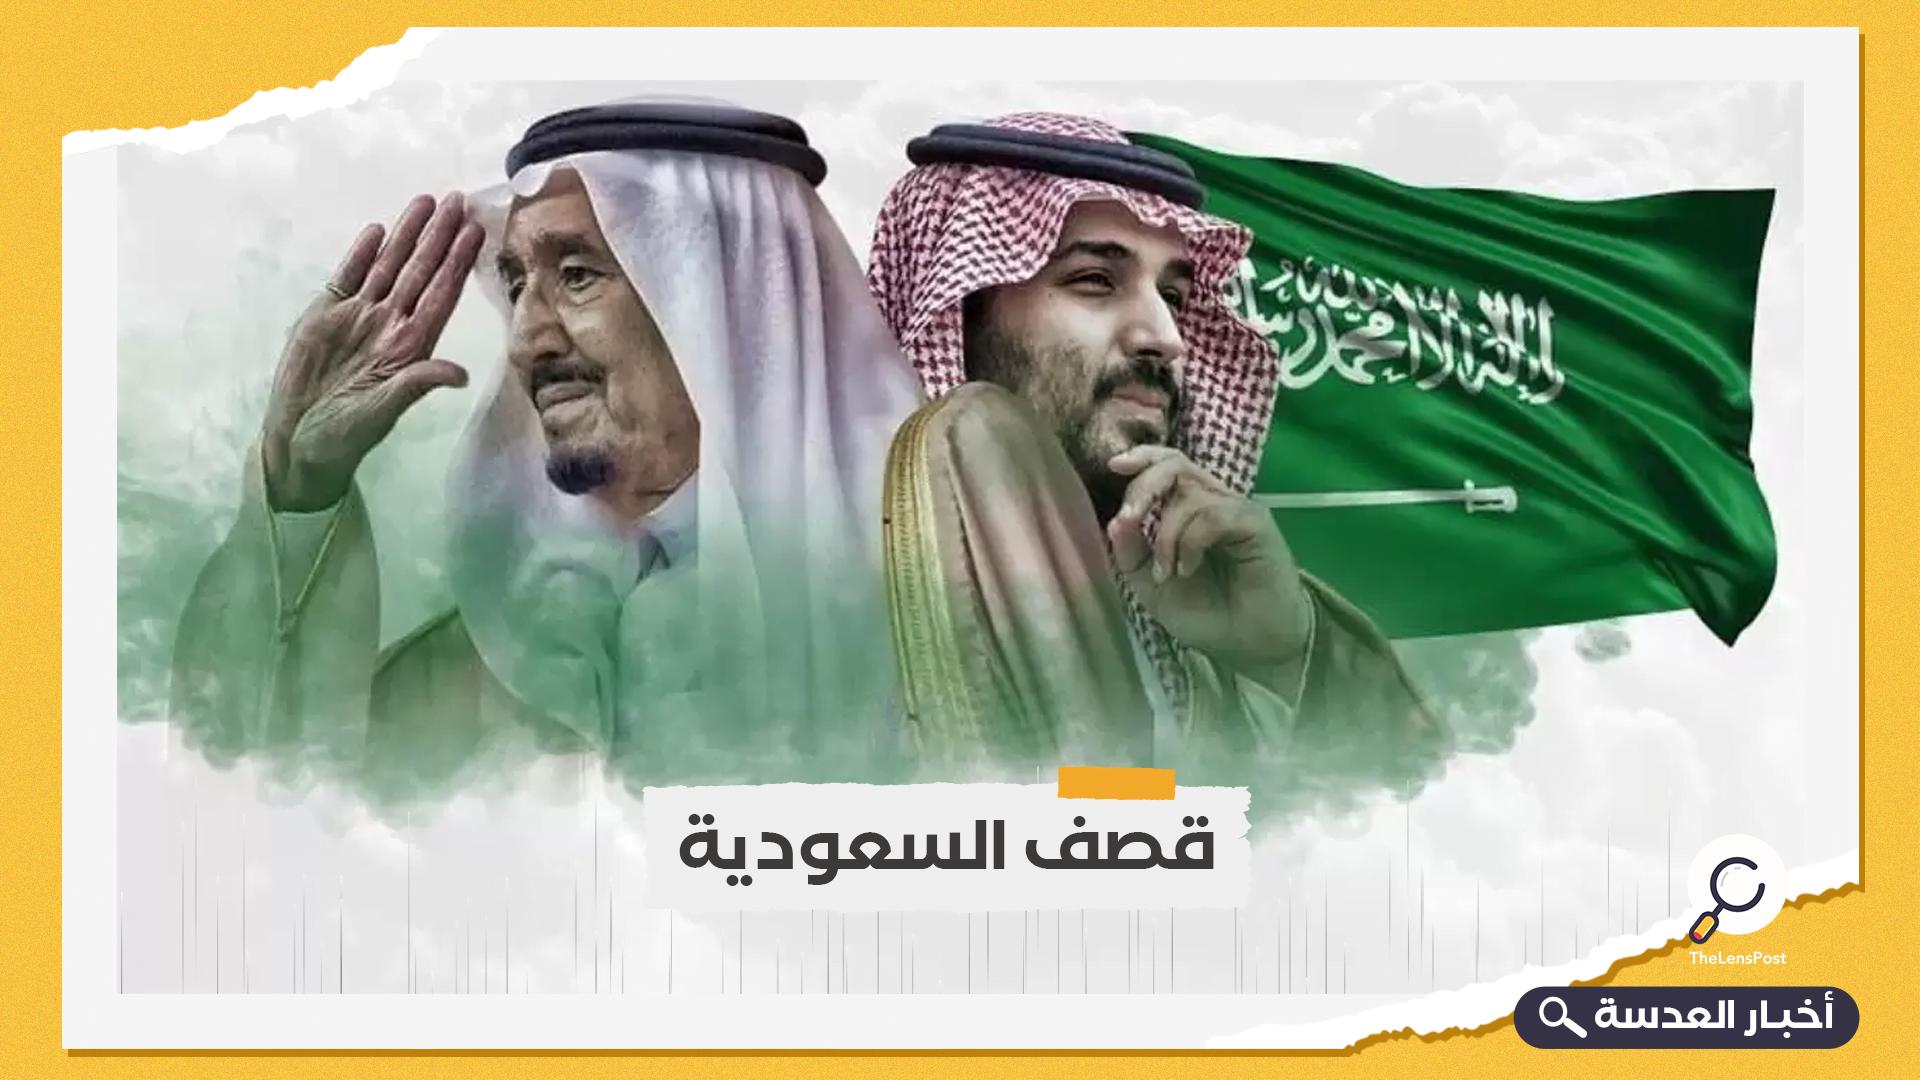 قوات التحالف تعلن تدمير درون مفخخة أطلقها الحوثيون تجاه السعودية